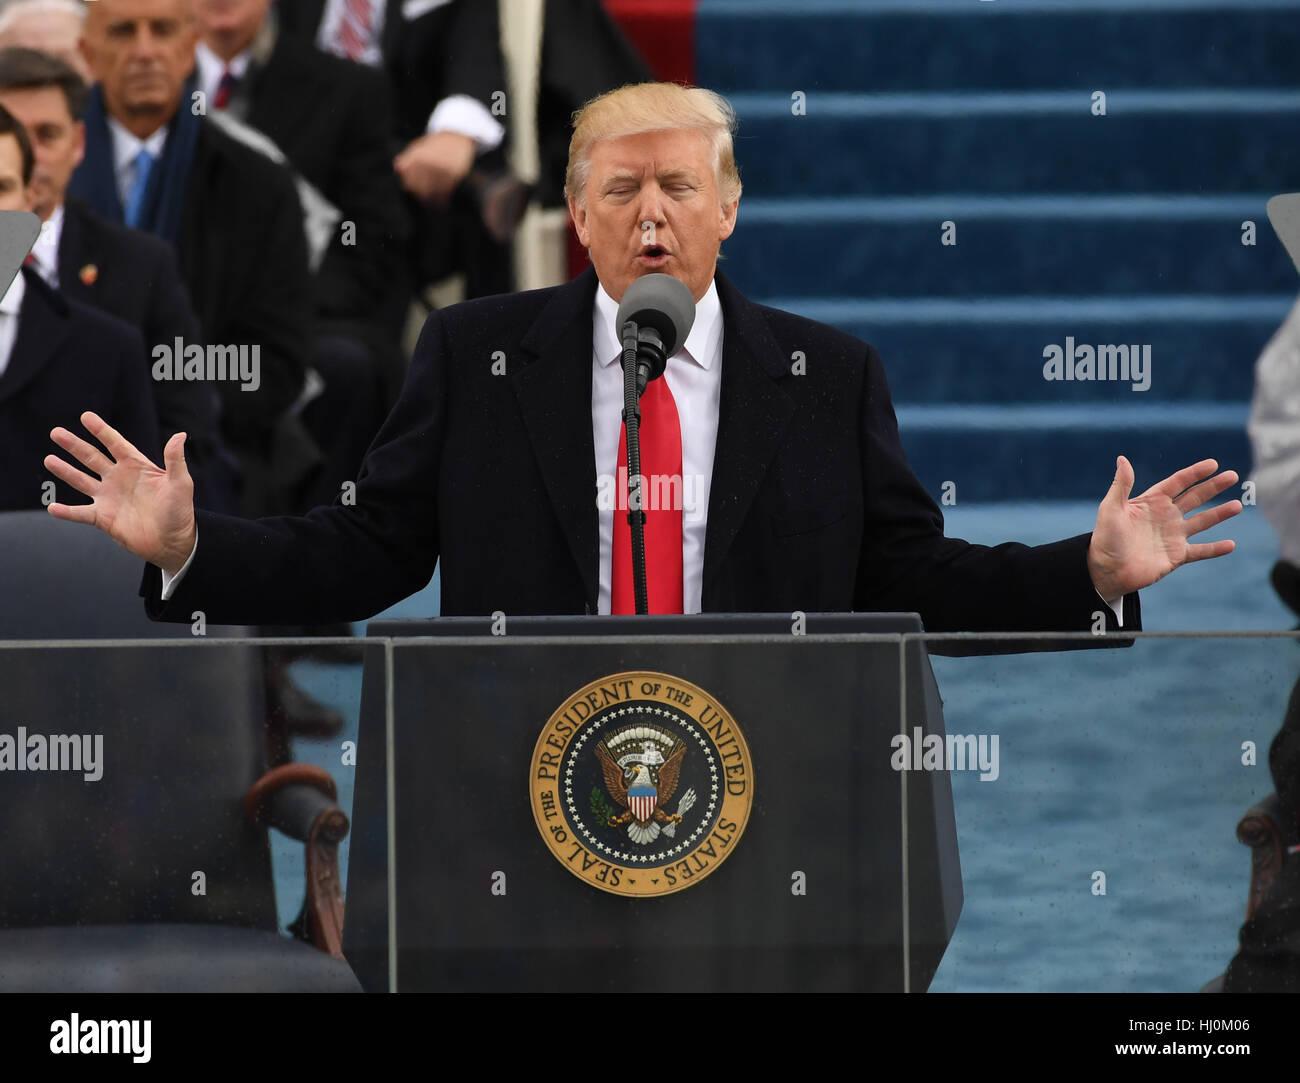 Presidente Donald Trump, pronuncia su discurso inaugural en la inauguración el 20 de enero de 2017 en Washington, Foto de stock